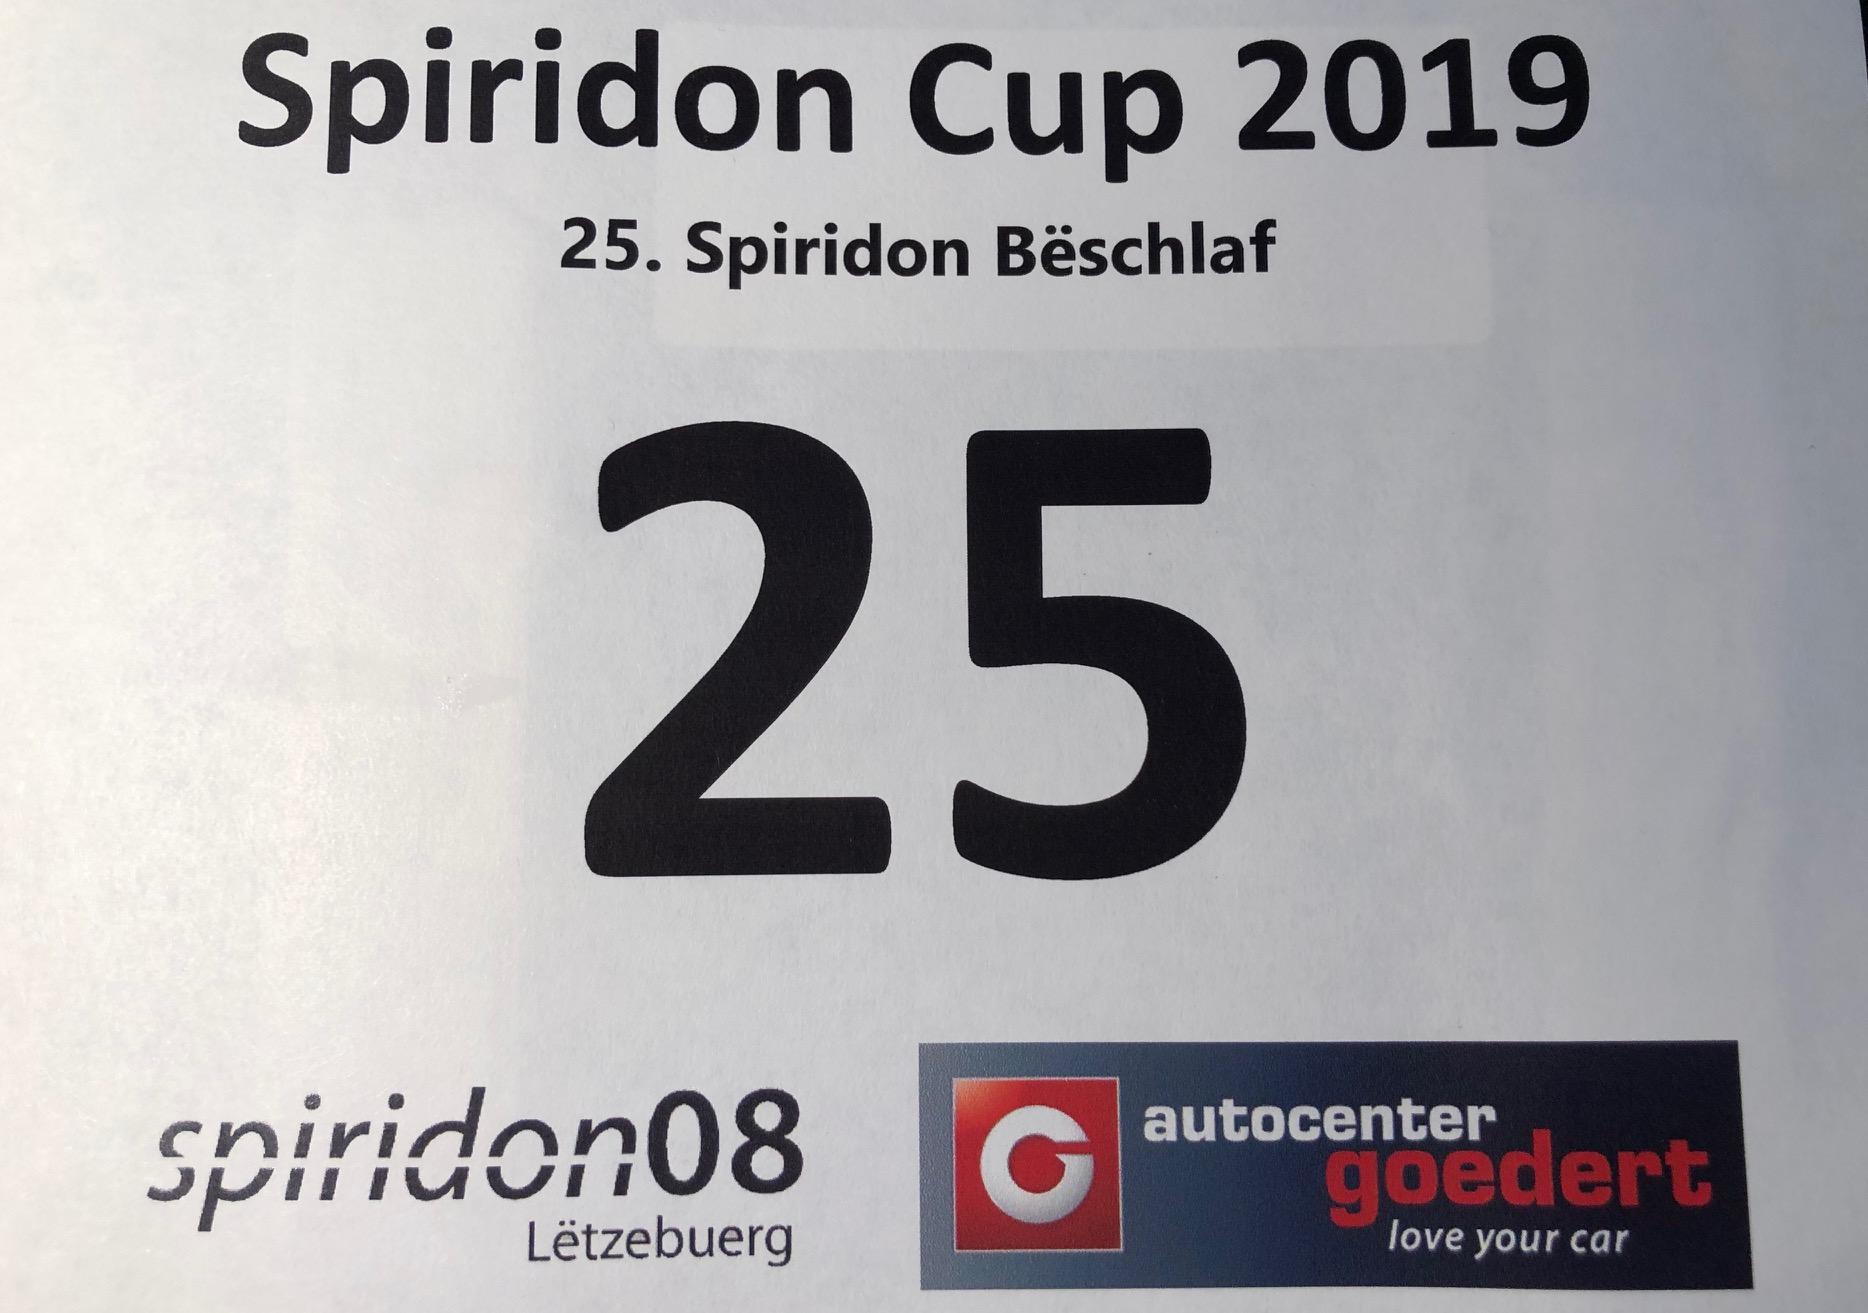 Spiridon Bëschlaf 2019 .... MERCI!